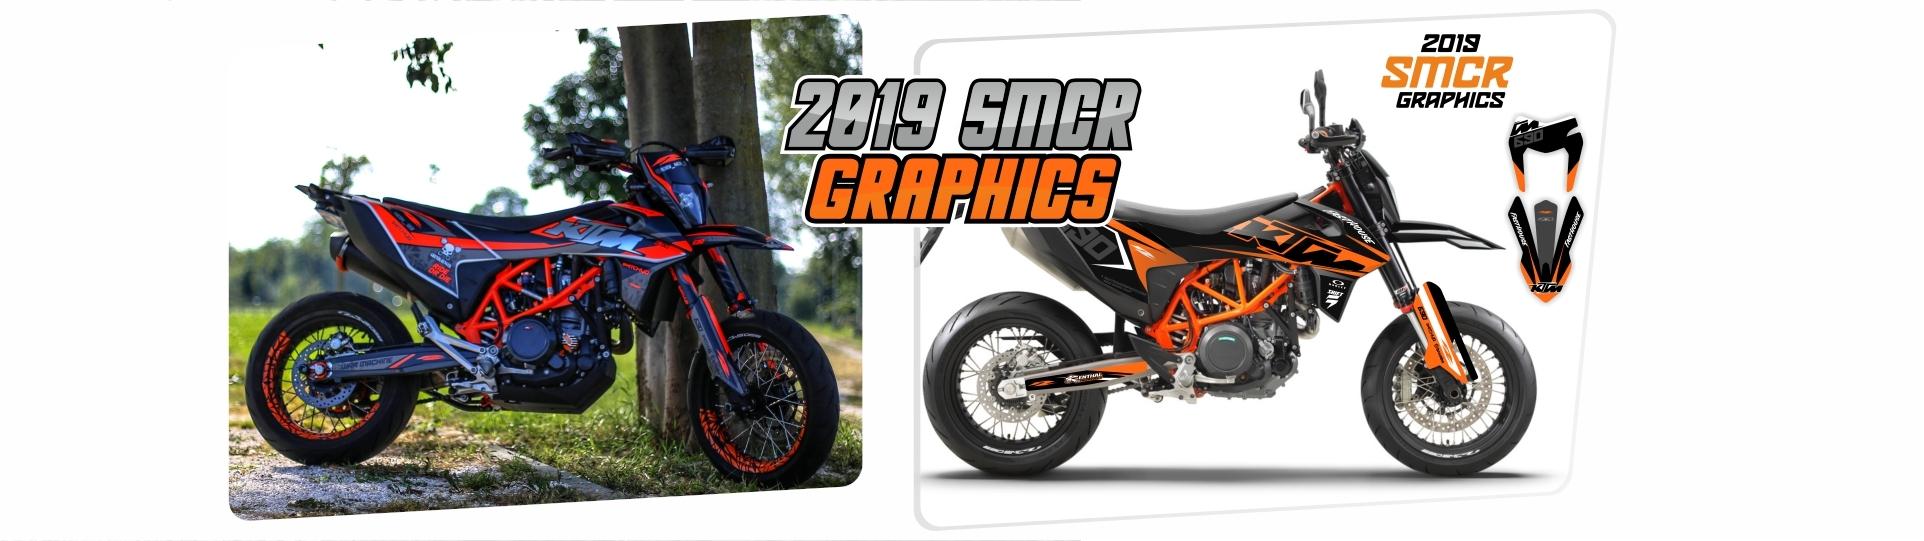 Grafiche SMCR 690 2019